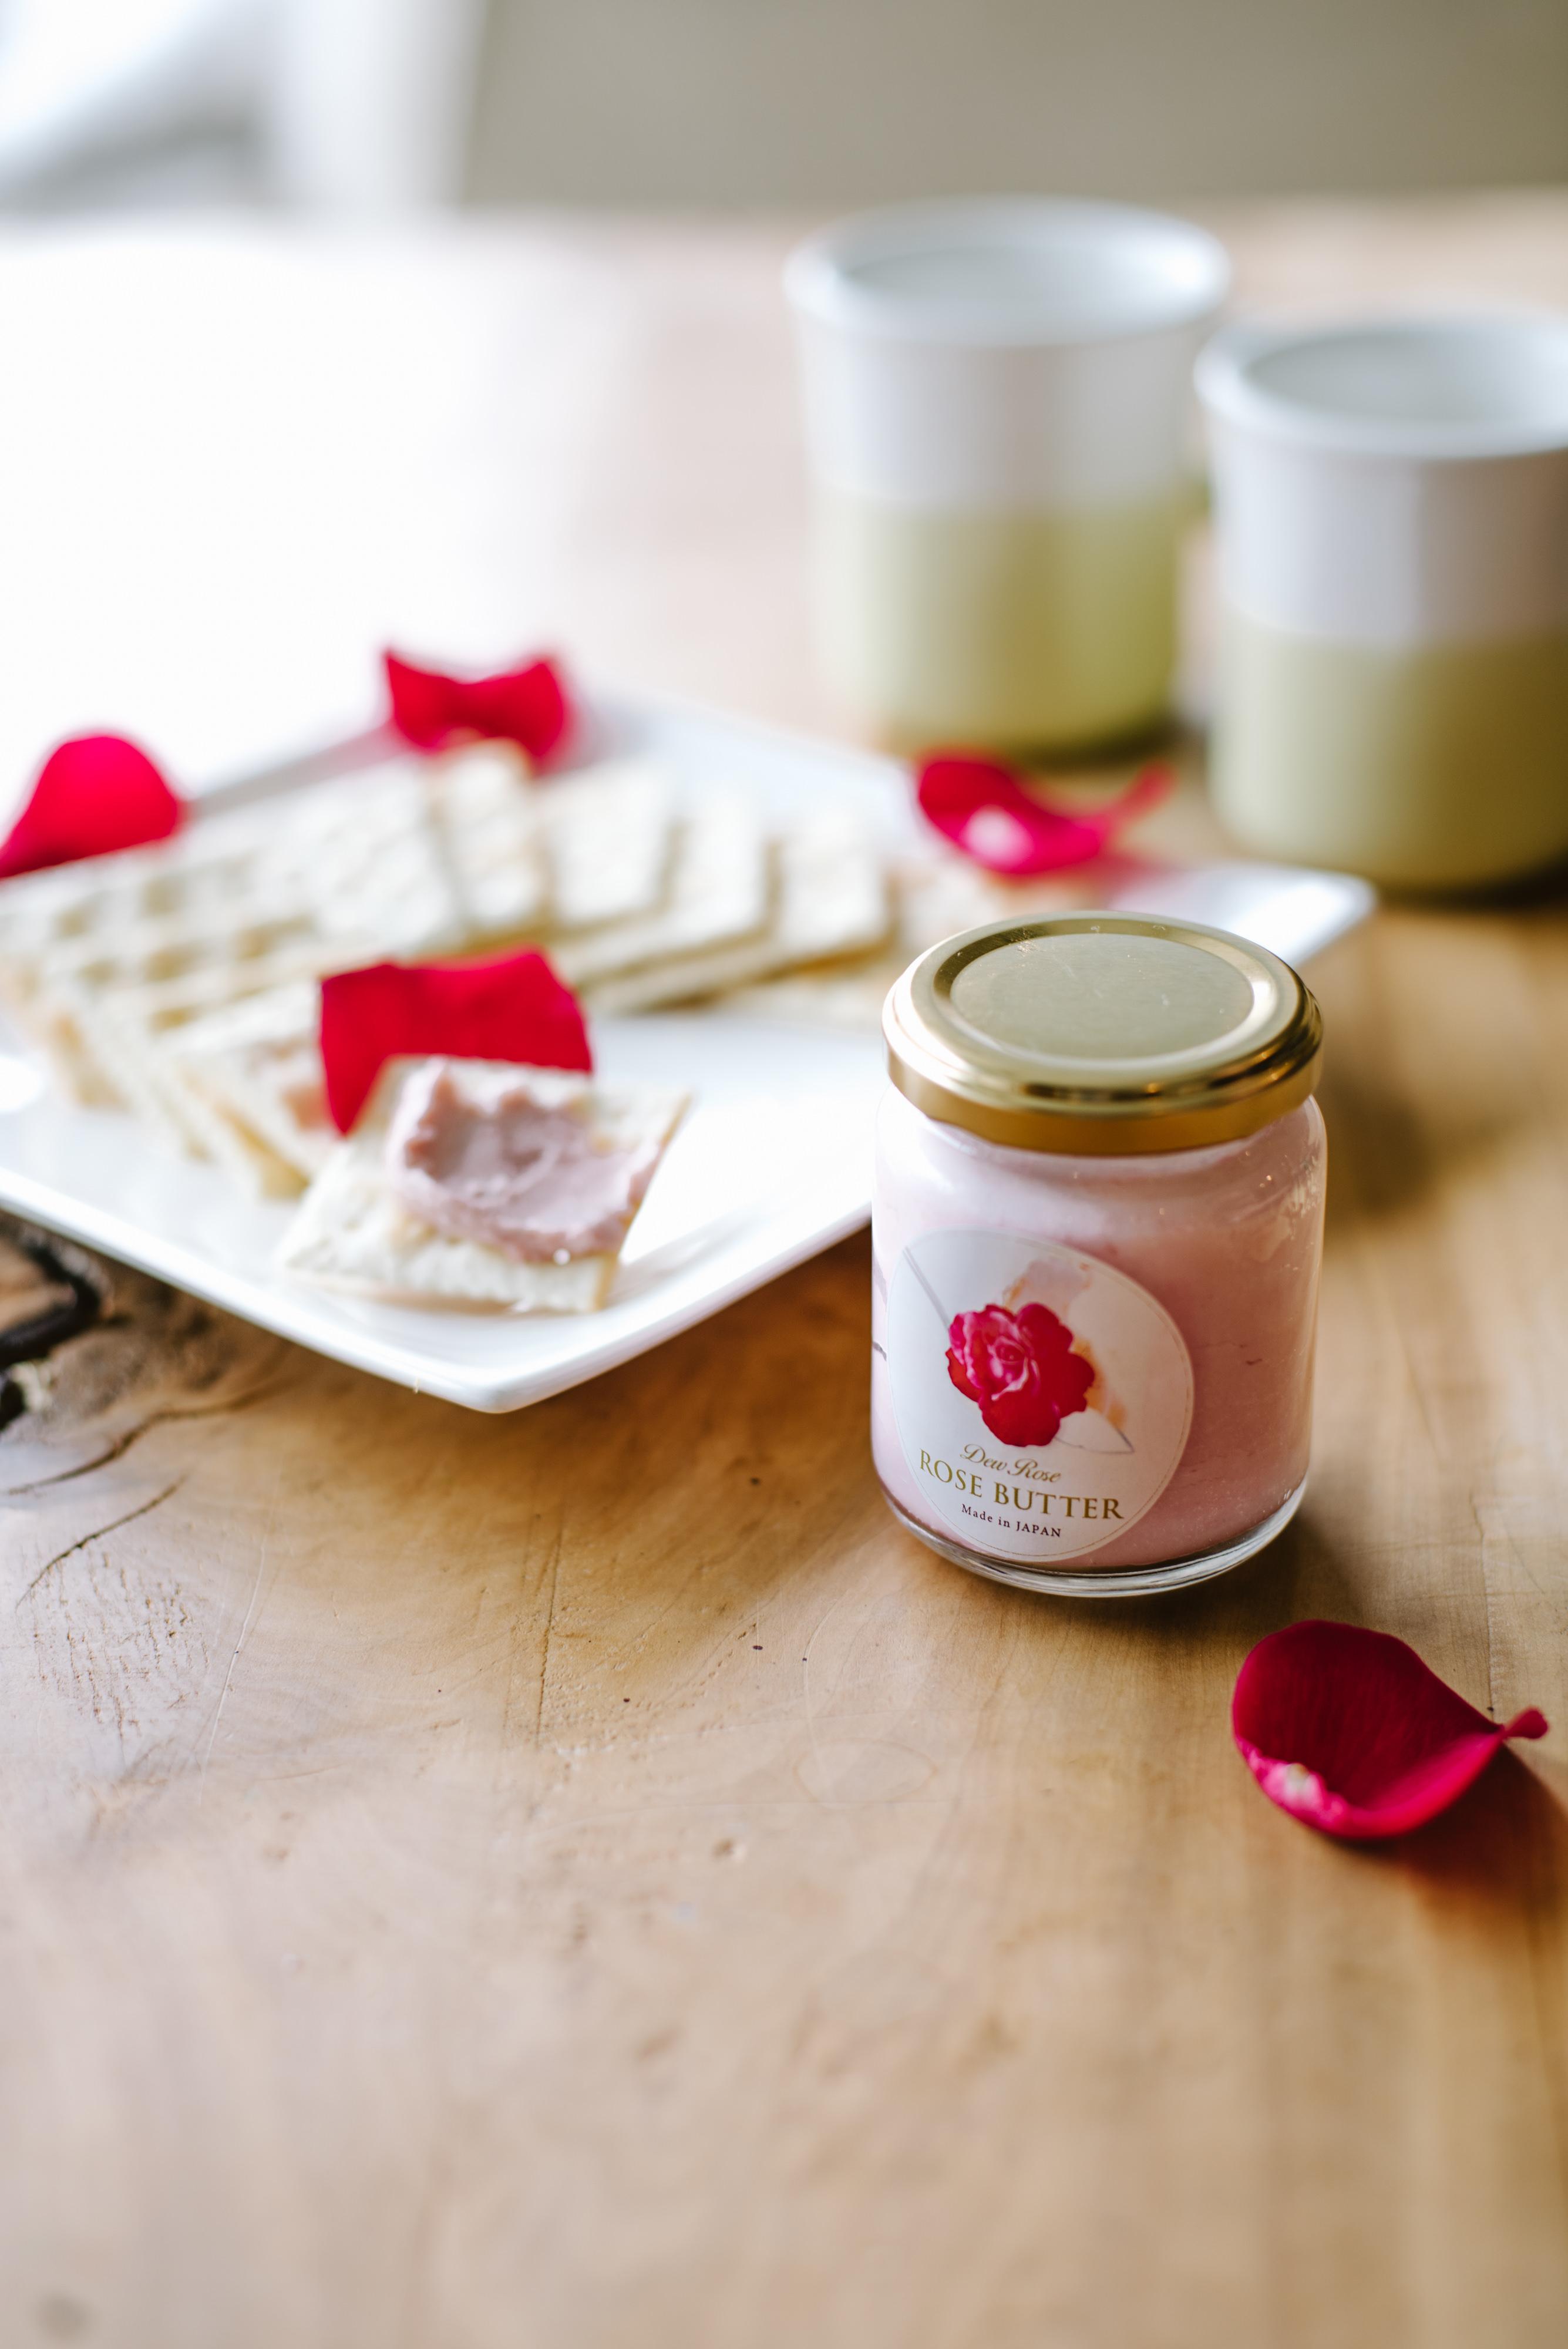 オーガニックのこだわりを凝縮した薔薇の風味豊かなバター 『DewRose BUTTER』1/28 販売開始!2種類の甘さでご用意